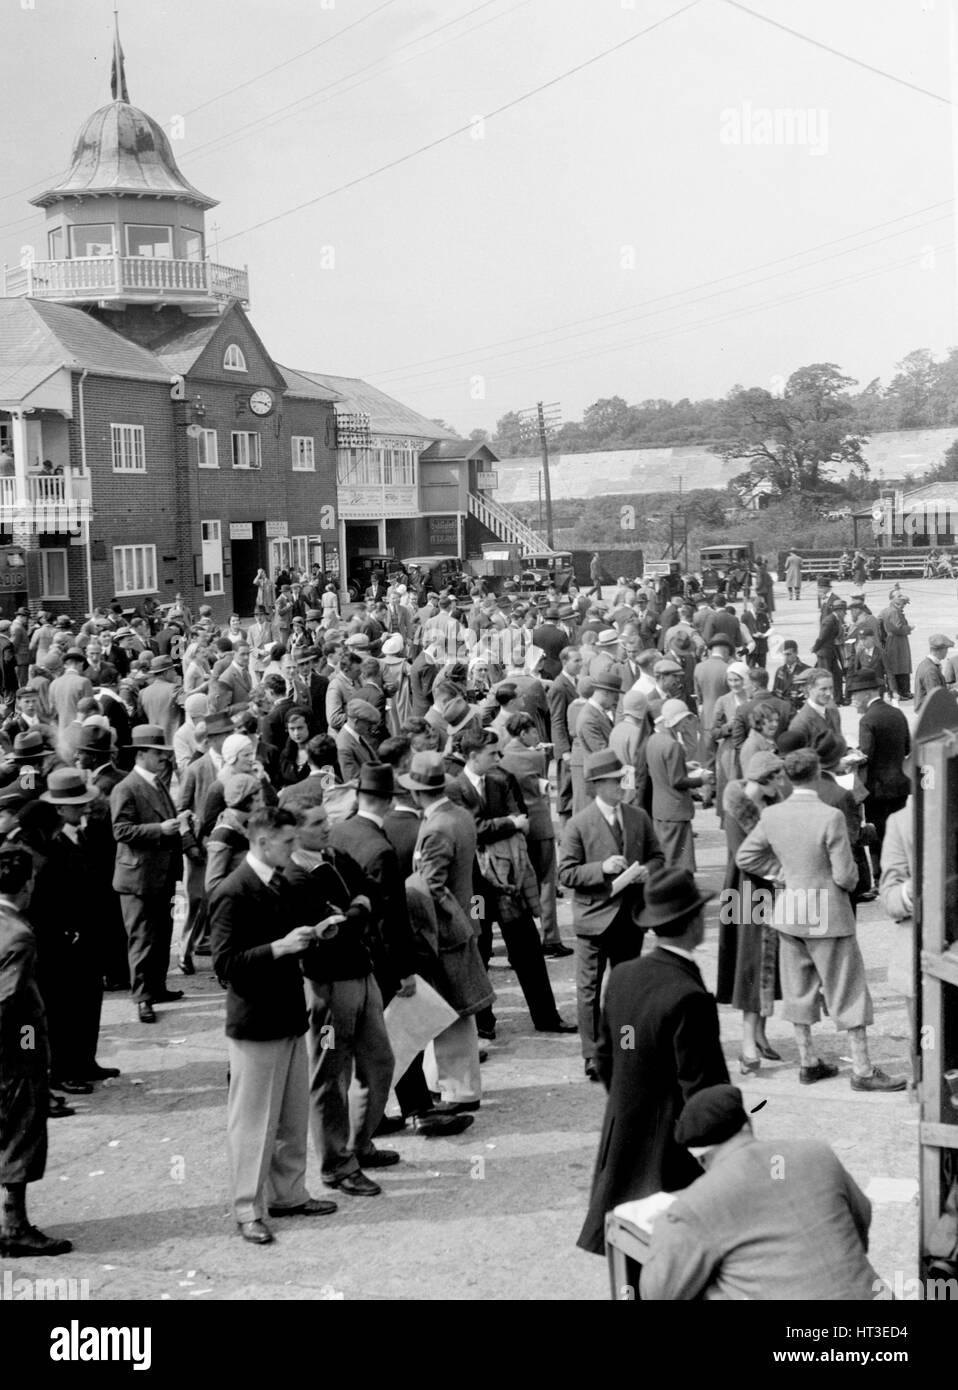 Menschen, die an eine Motorsport-Veranstaltung in Brooklands. Künstler: Bill Brunell. Stockbild